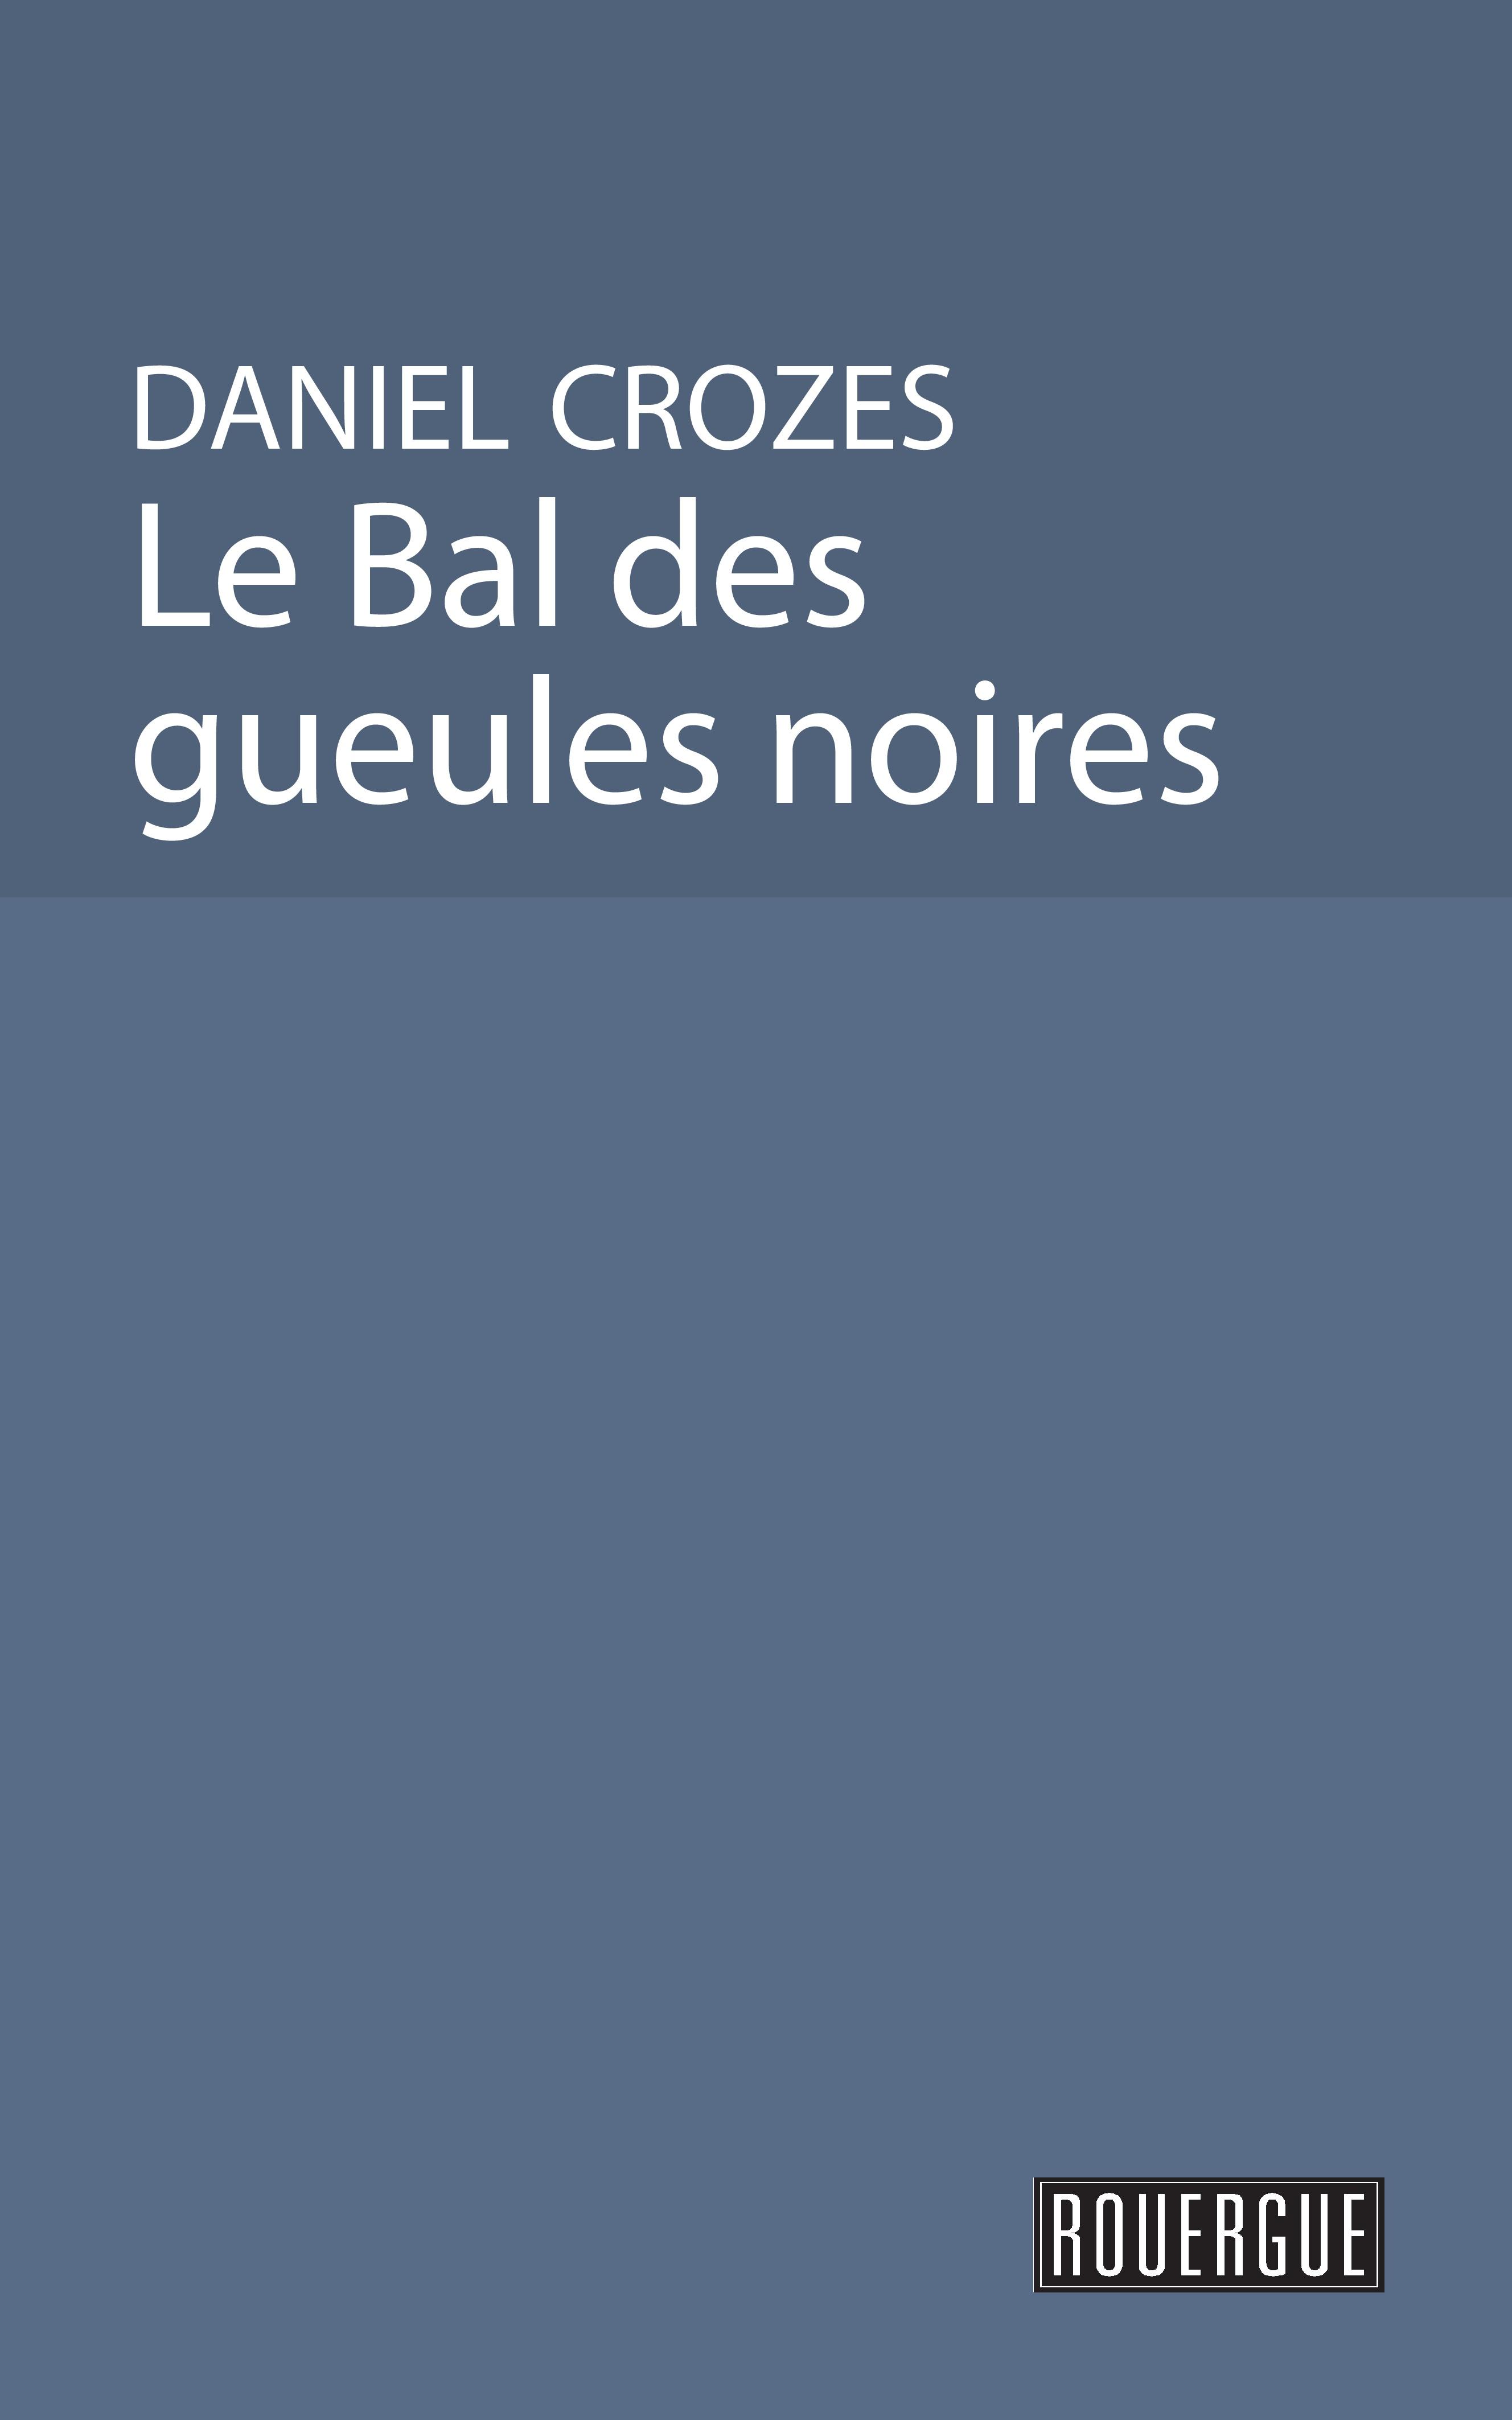 Le bal des gueules noires